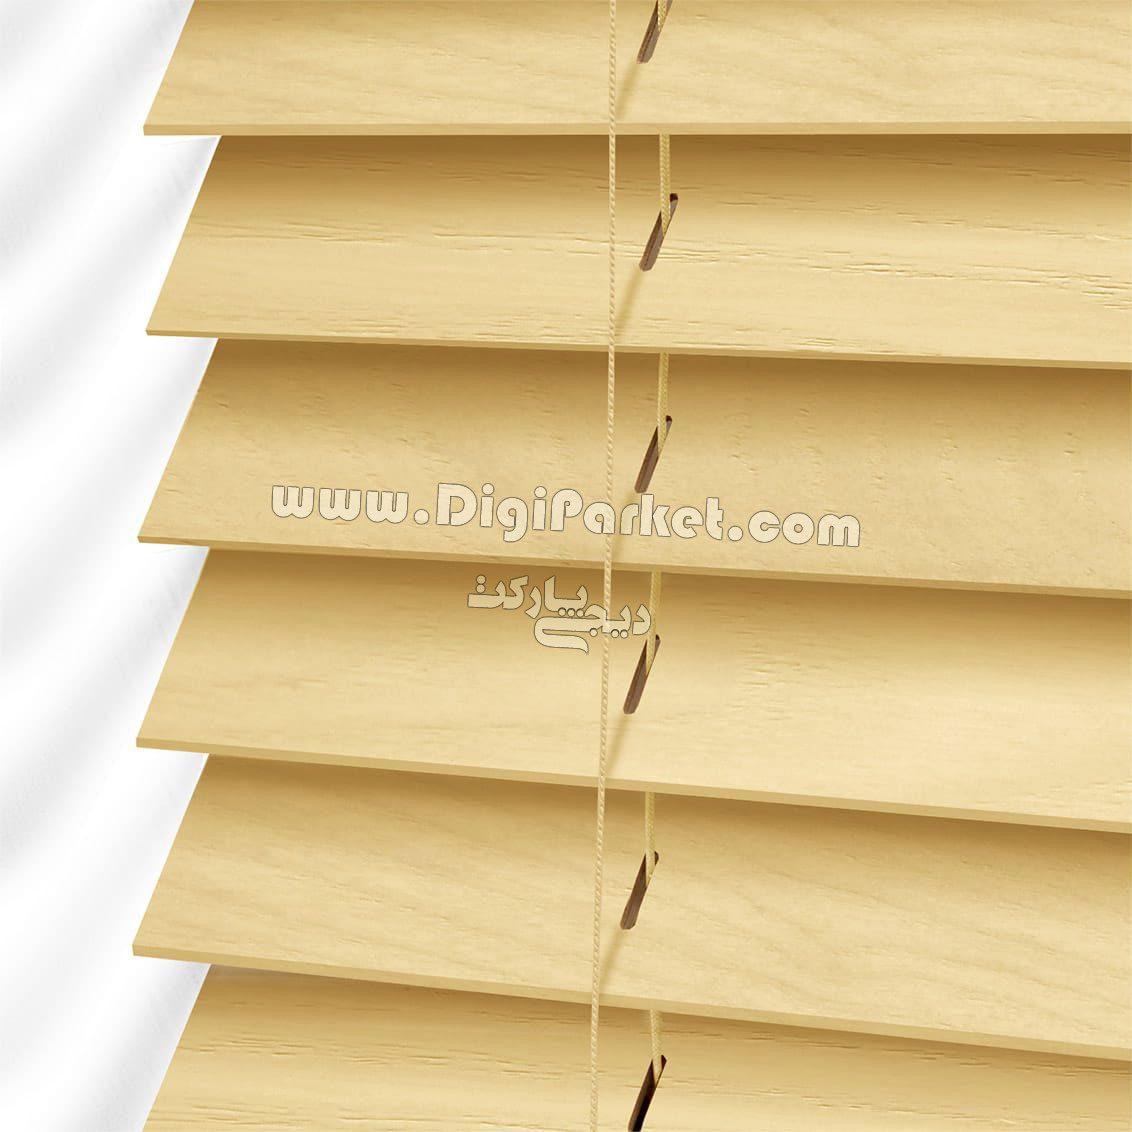 پرده کرکره چوبی زرد رنگ  خوش سایه